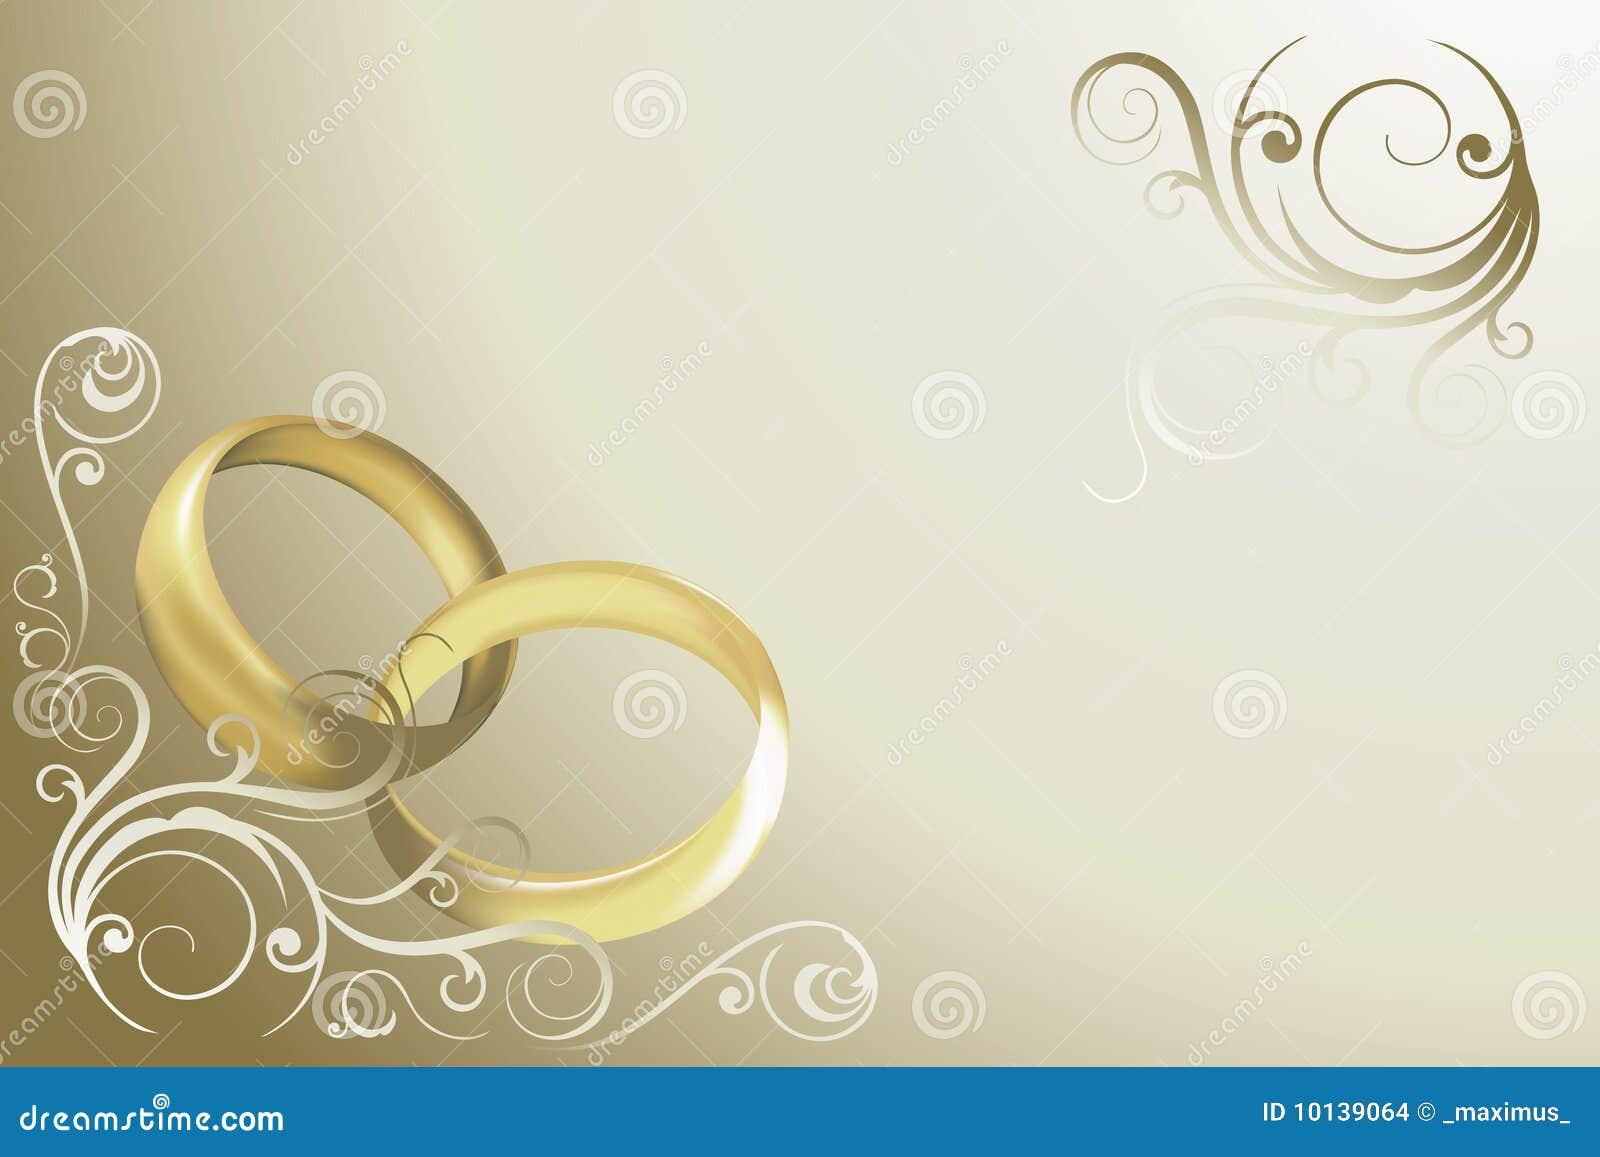 Vector de la invitaci n de boda imagenes de archivo - Marcos de plata para bodas ...